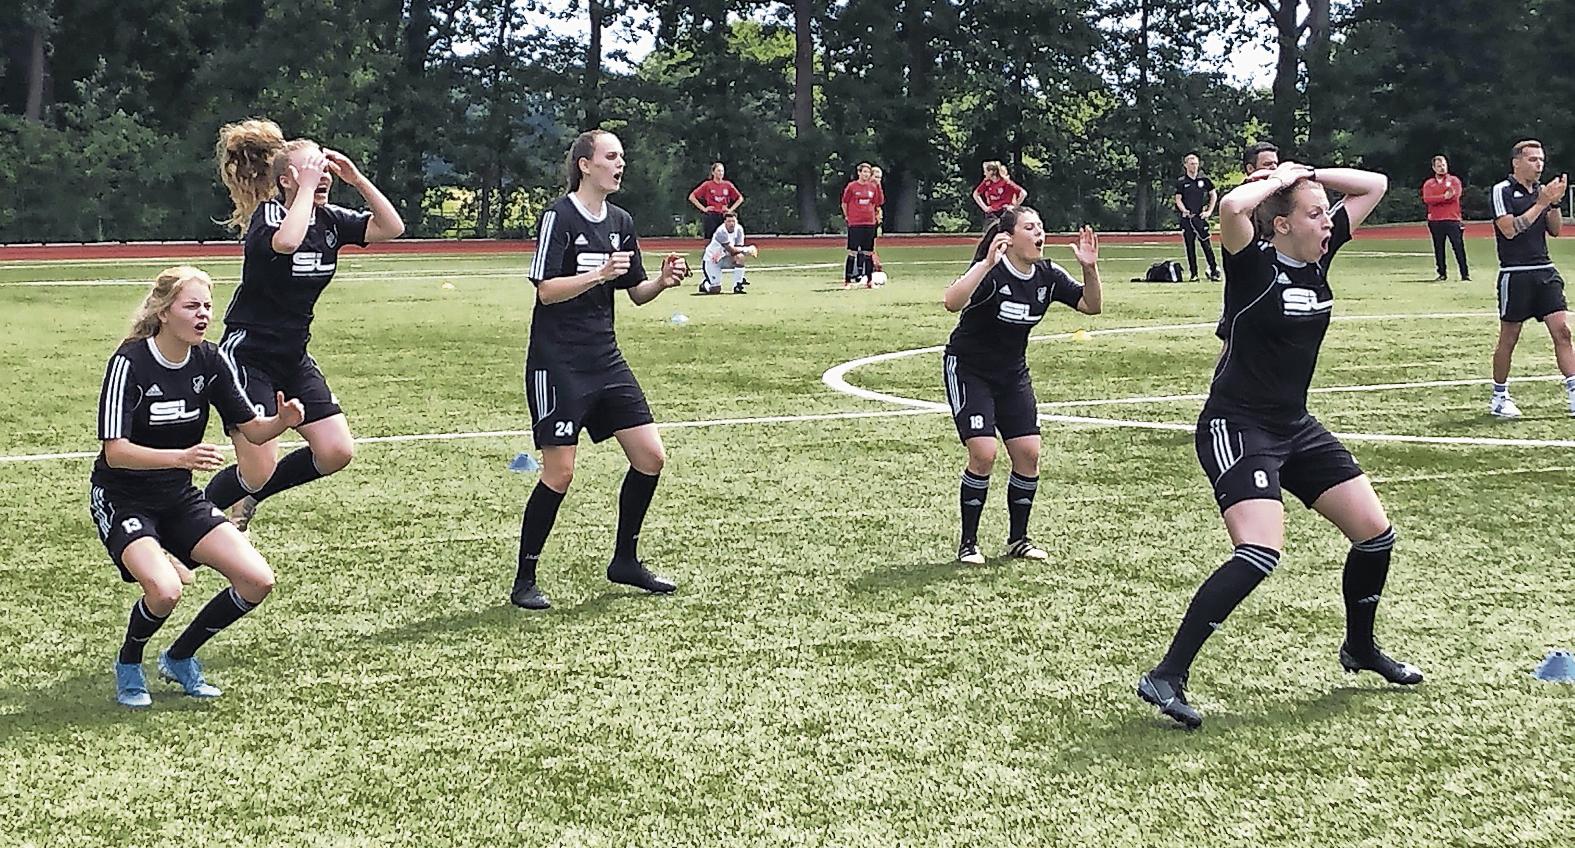 Zum Verzweifeln: Leonie Wiese (von links), Jessica Müller, Laura Koopmann, Ulrike Kleyer, Marie Moorkamp und Trainer Sascha Anneken ärgern sich über einen Treffer des Gegners. Foto: Bettenstaedt